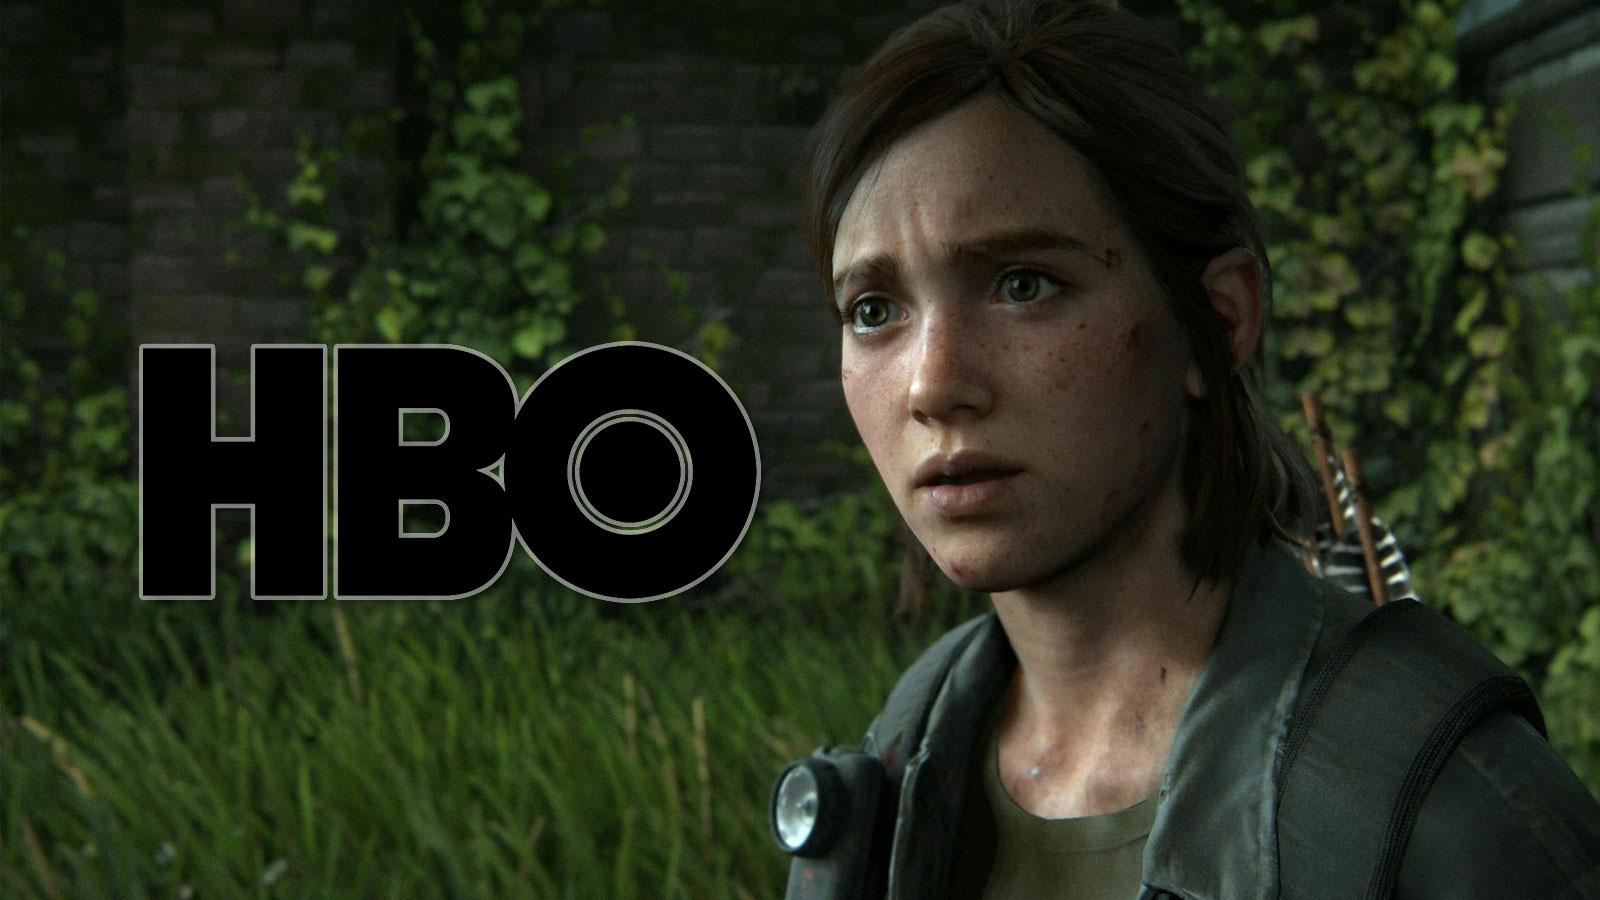 Ellie gasps at the HBO logo